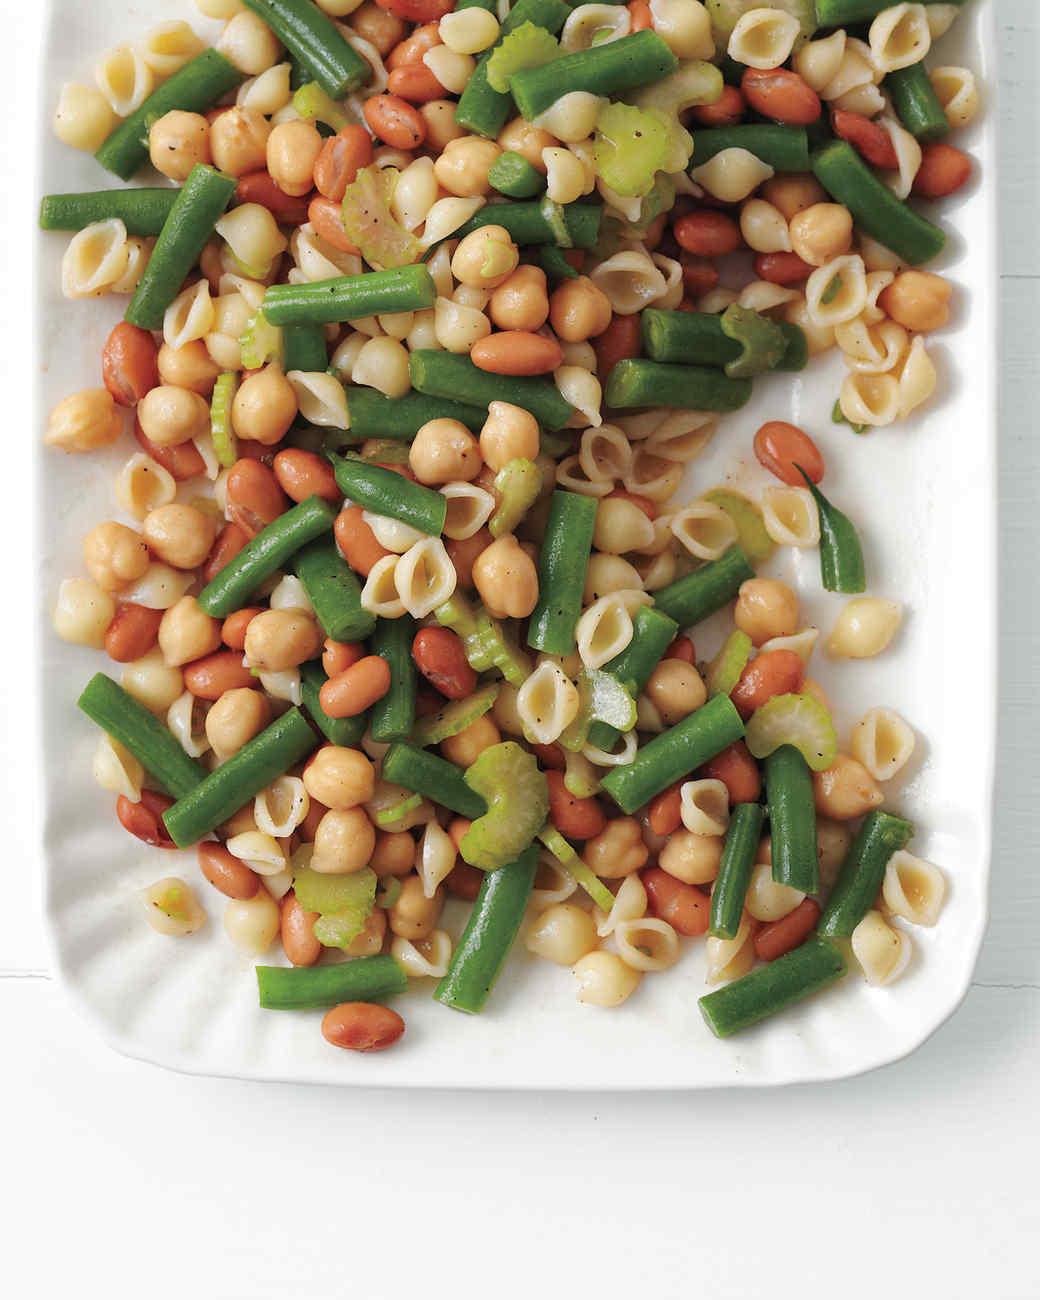 three-bean-pasta-salad-2-med108462.jpg